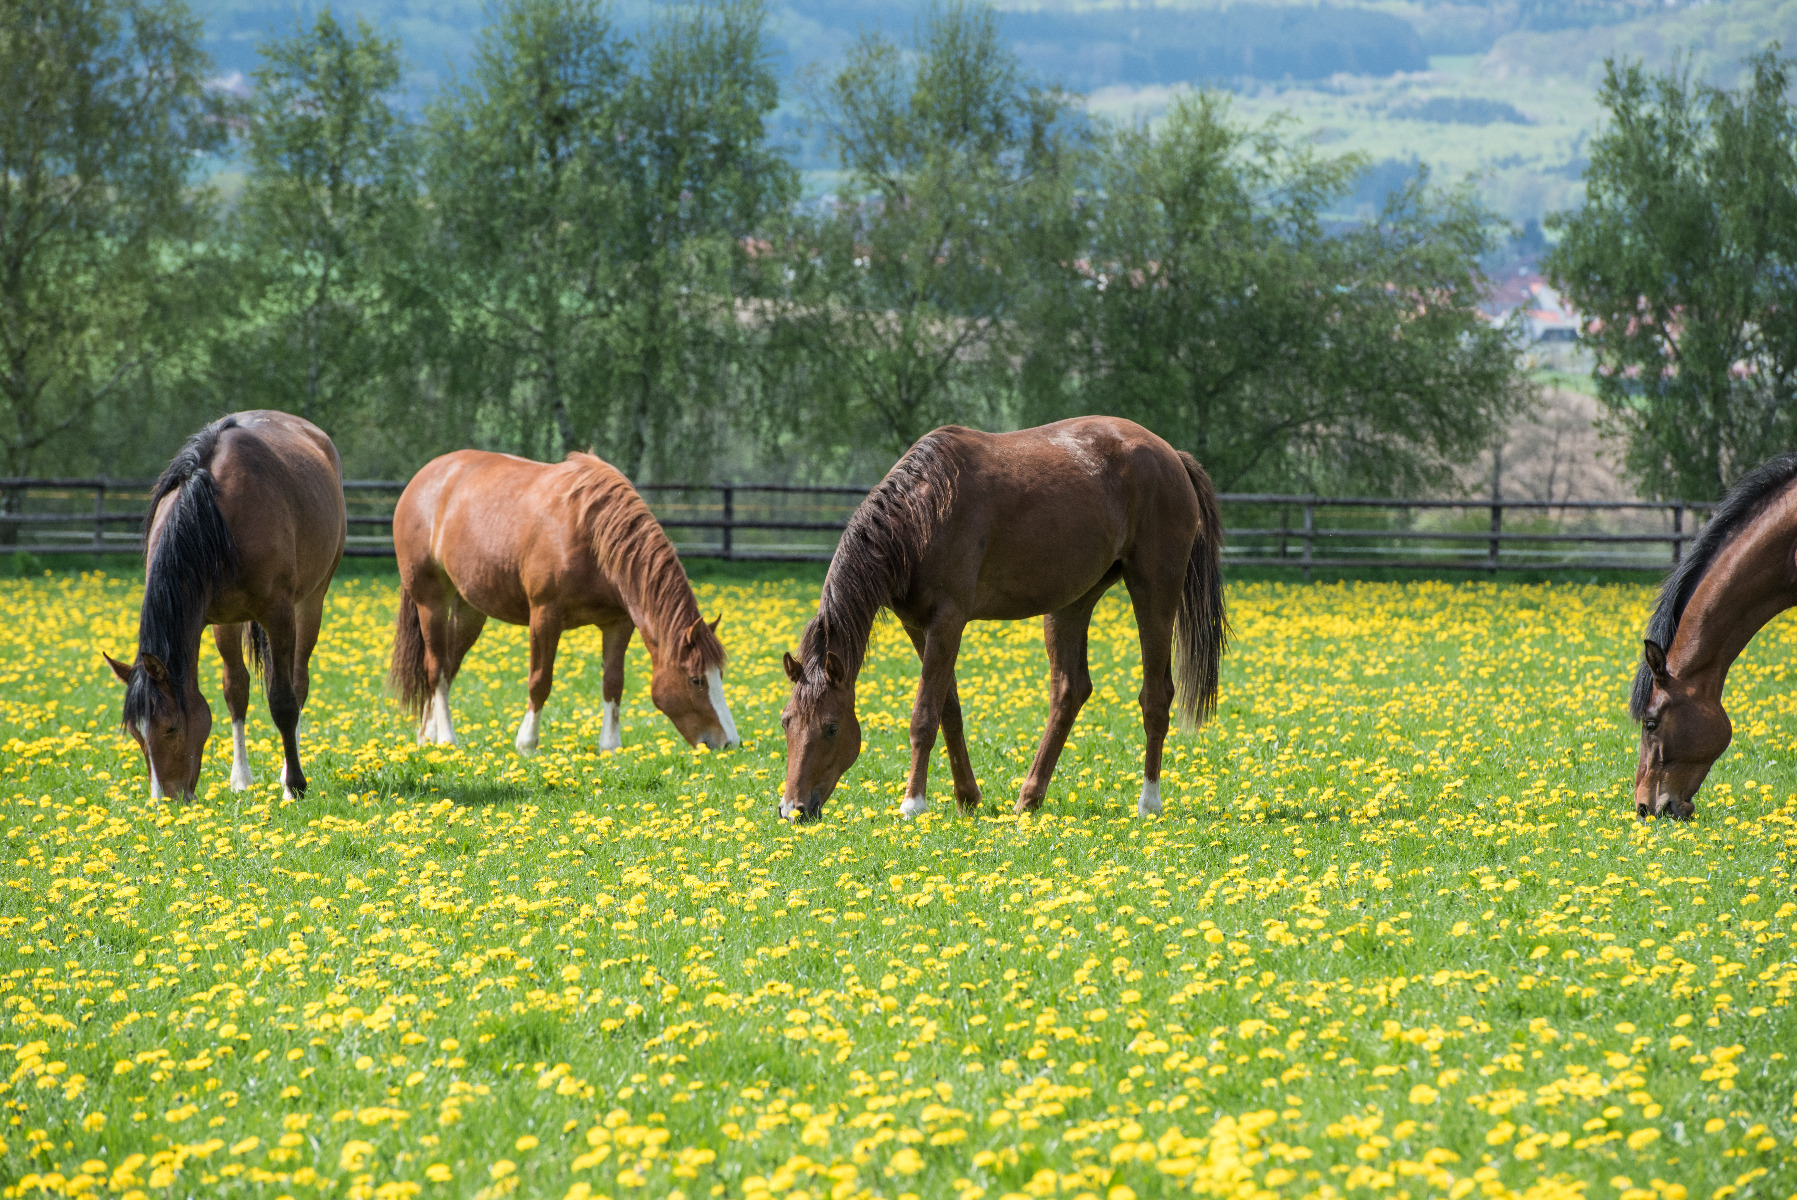 Stübben, Kempen, Gläserne Manufaktur, Sattel, Reiten, Pferd, Reiter, Fütterung, Frühling, Frischfutter, Kraftfutter, Pferde, Stute